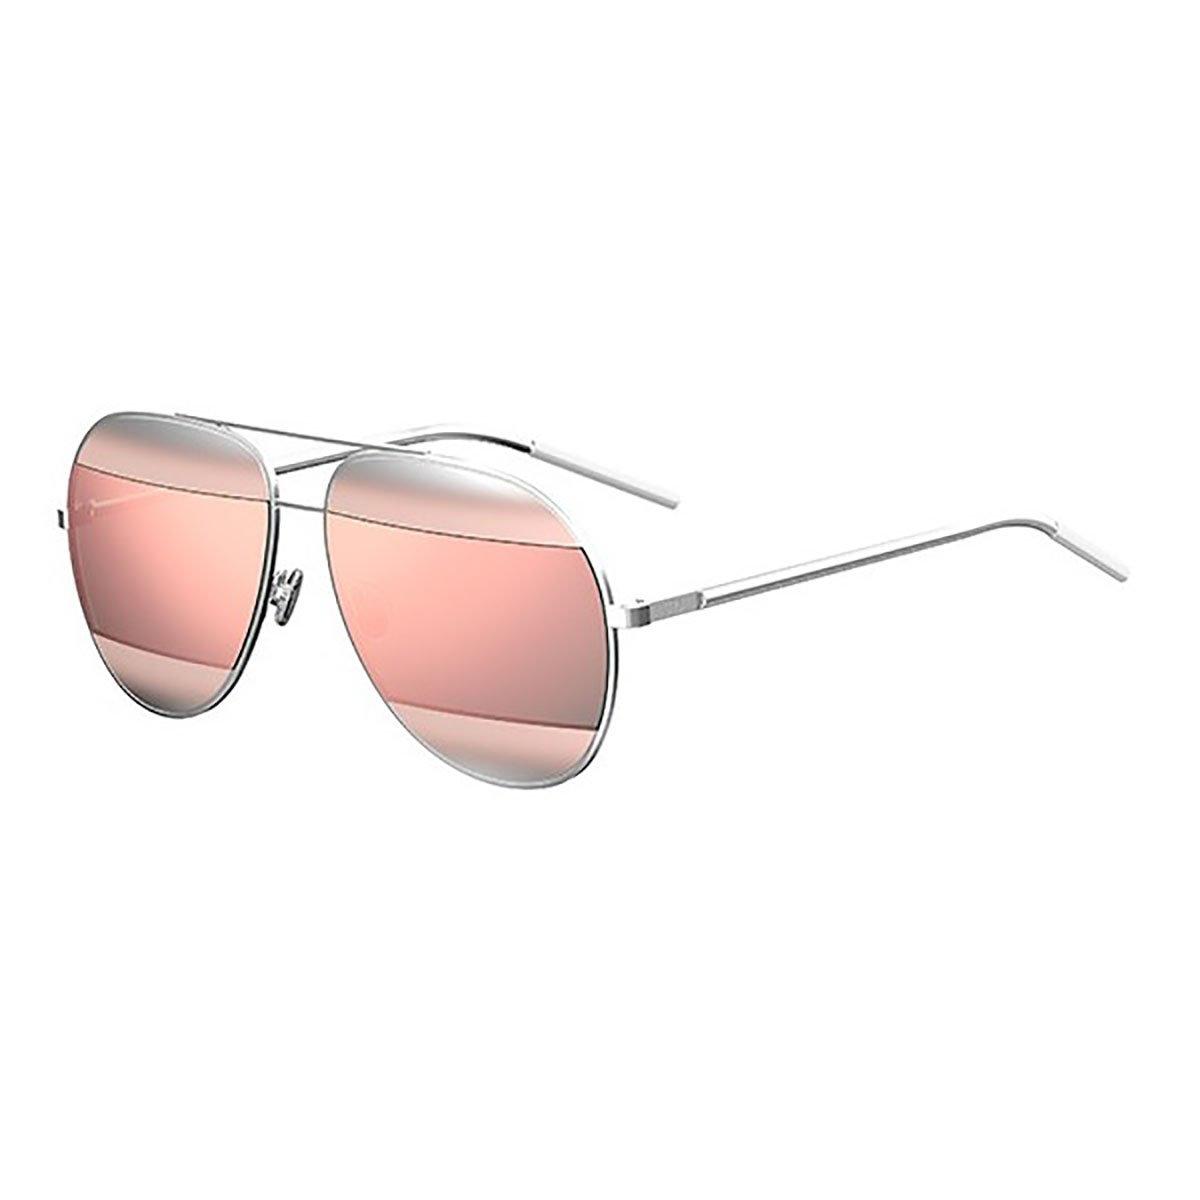 1e2f02a245152 Compre Óculos de Sol Dior Split 1 em 10X